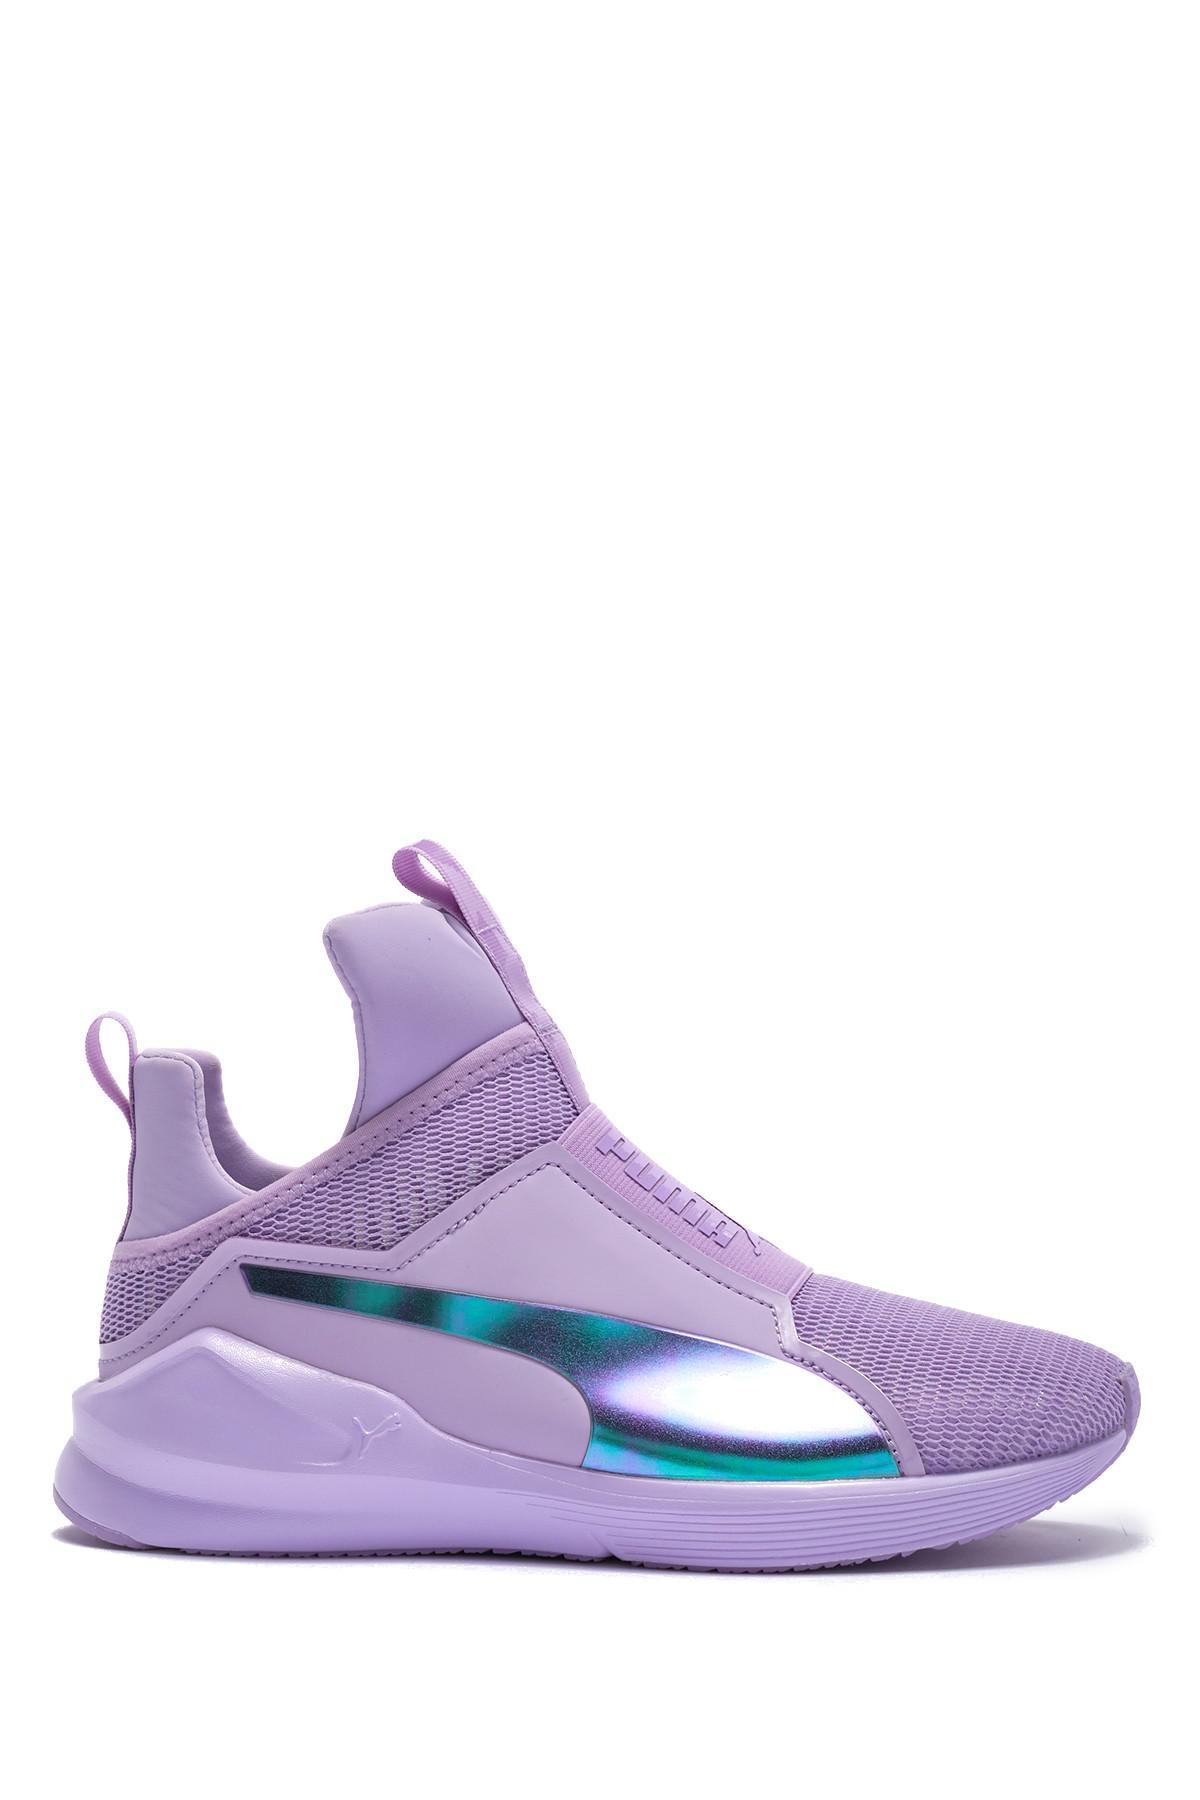 7db7c5e20c08 Lyst - PUMA Fierce Oceanaire Sneaker in Purple